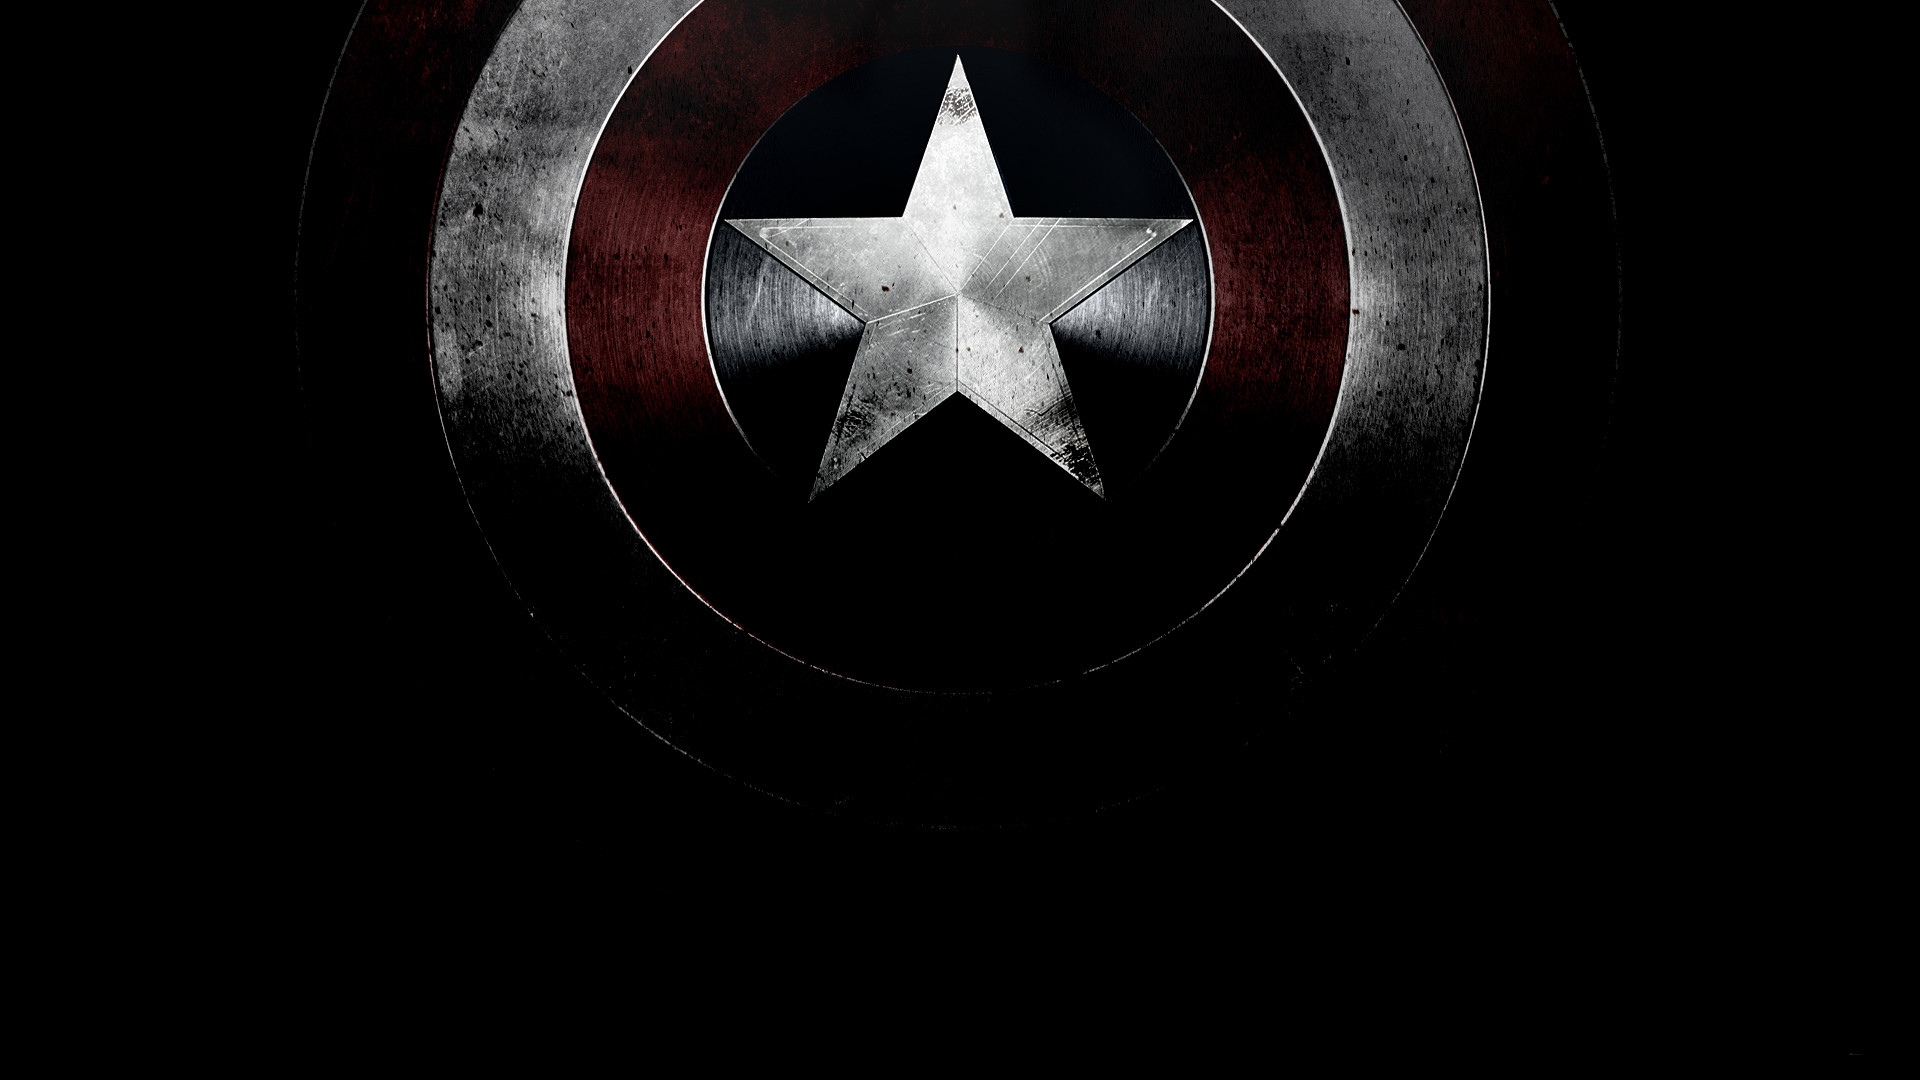 Hawkeye Hd Wallpapers Marvel Backgrounds Free Download Pixelstalk Net